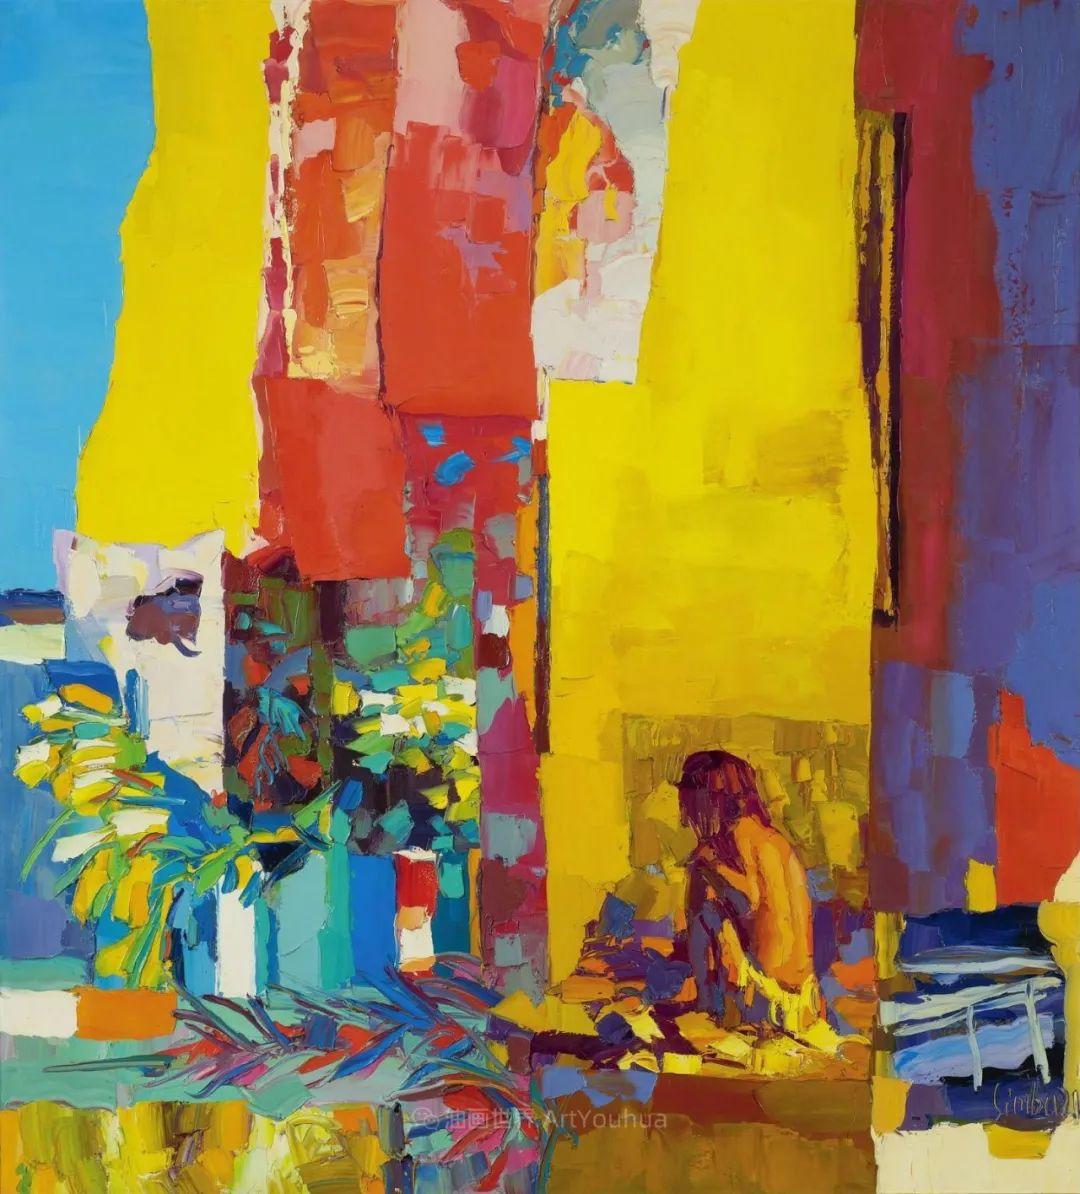 意大利画家尼古拉·辛巴里作品: 色块之美插图93